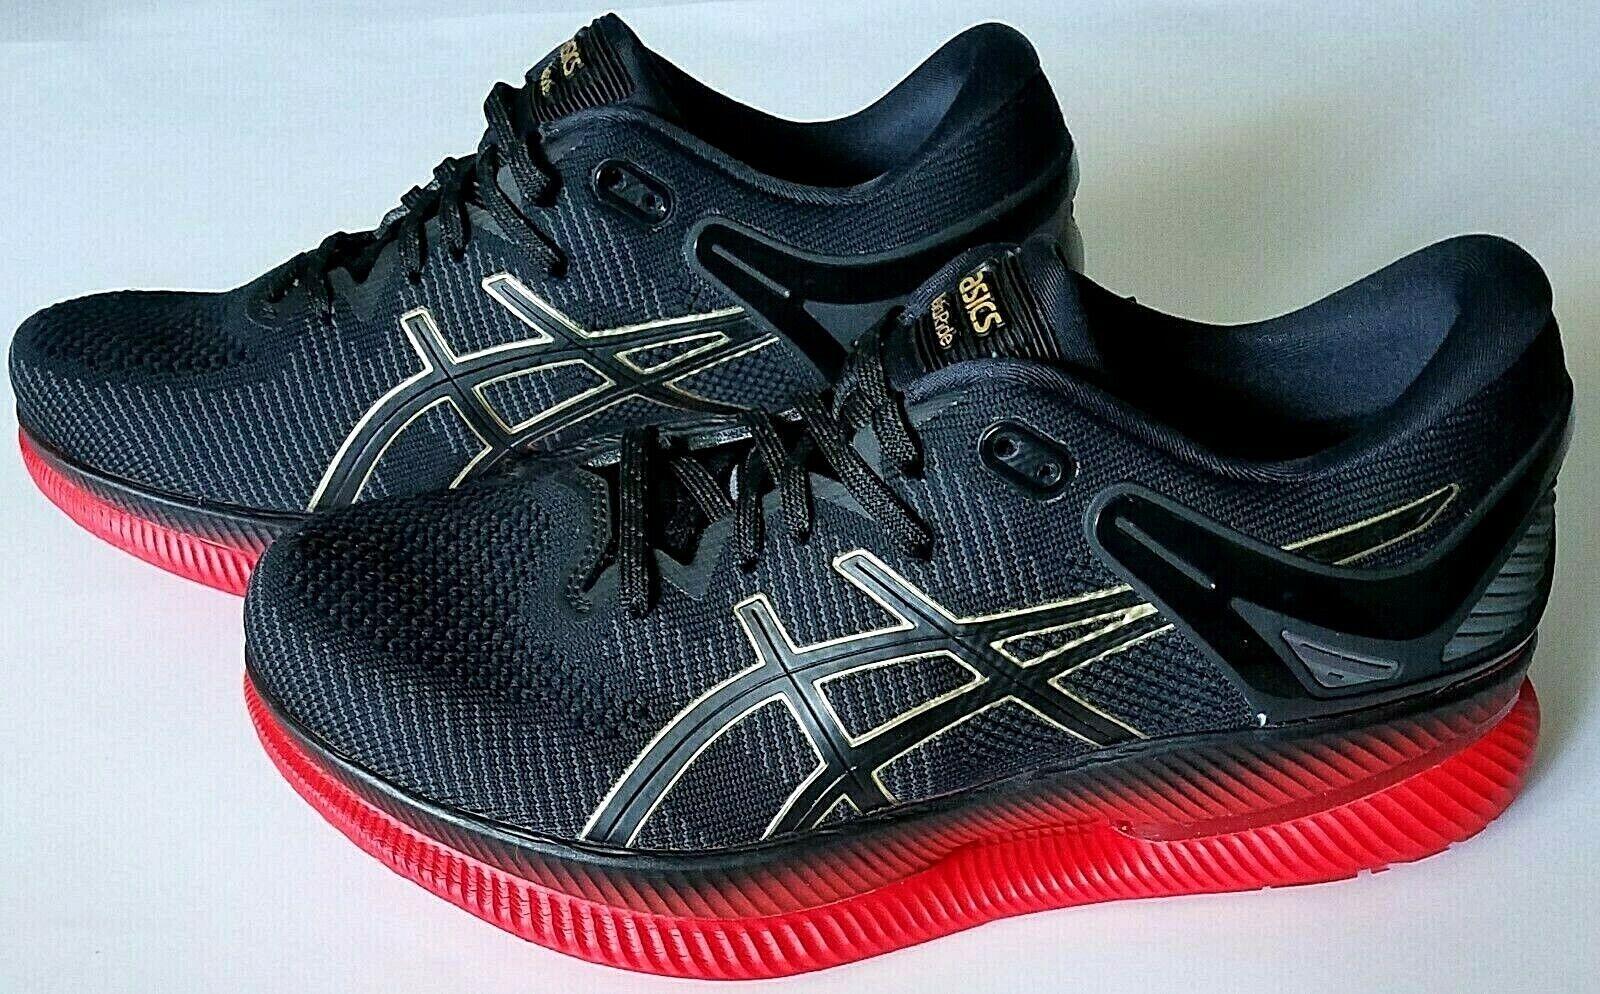 Asics Metaride Para hombres Zapatos para Correr Negro Rojo Tamaño nos 9, 1011A142